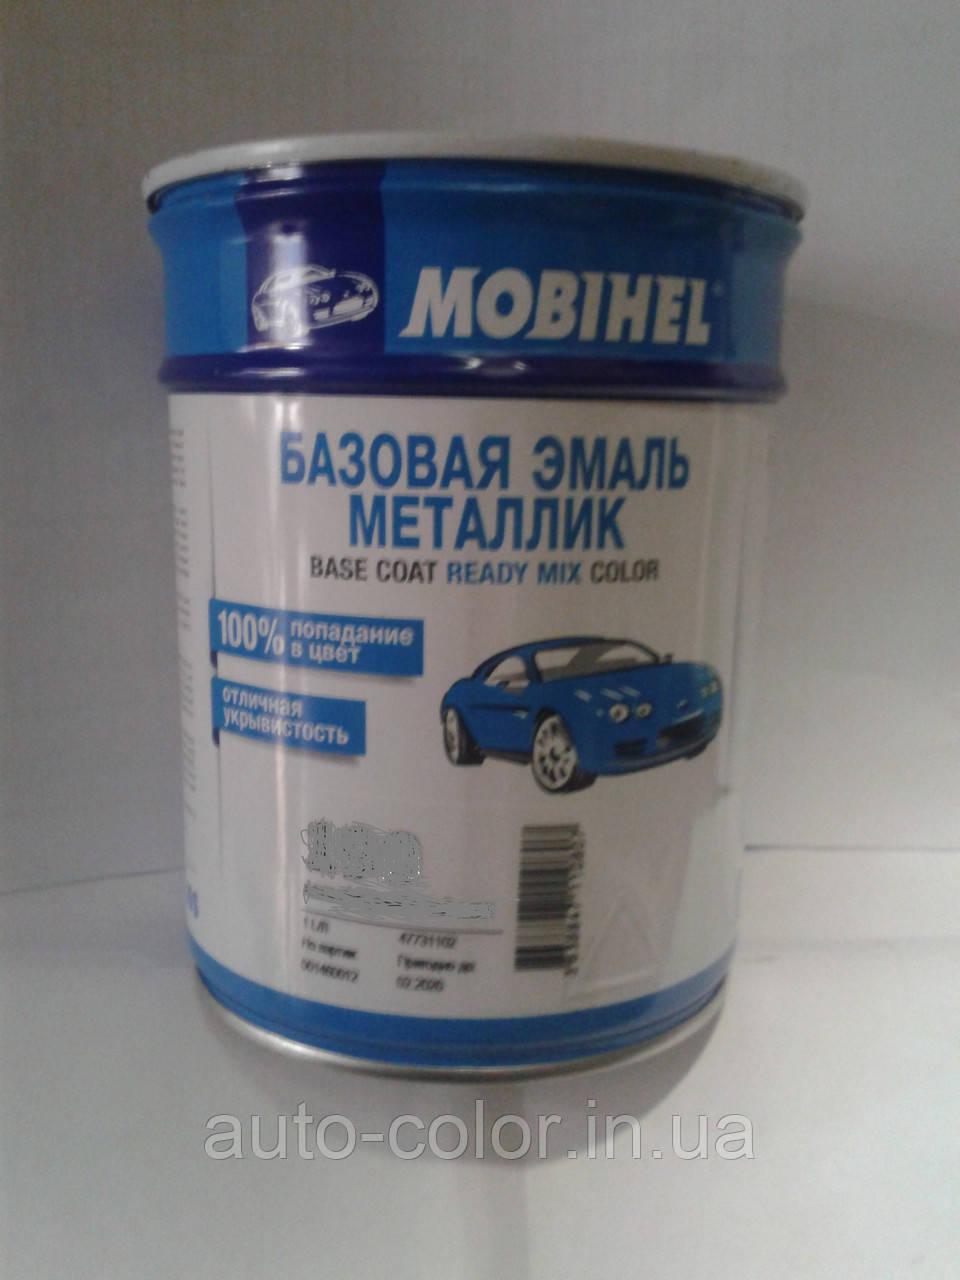 Автоэмаль базовая металлик Mobihel 1C8 Toyota 1л